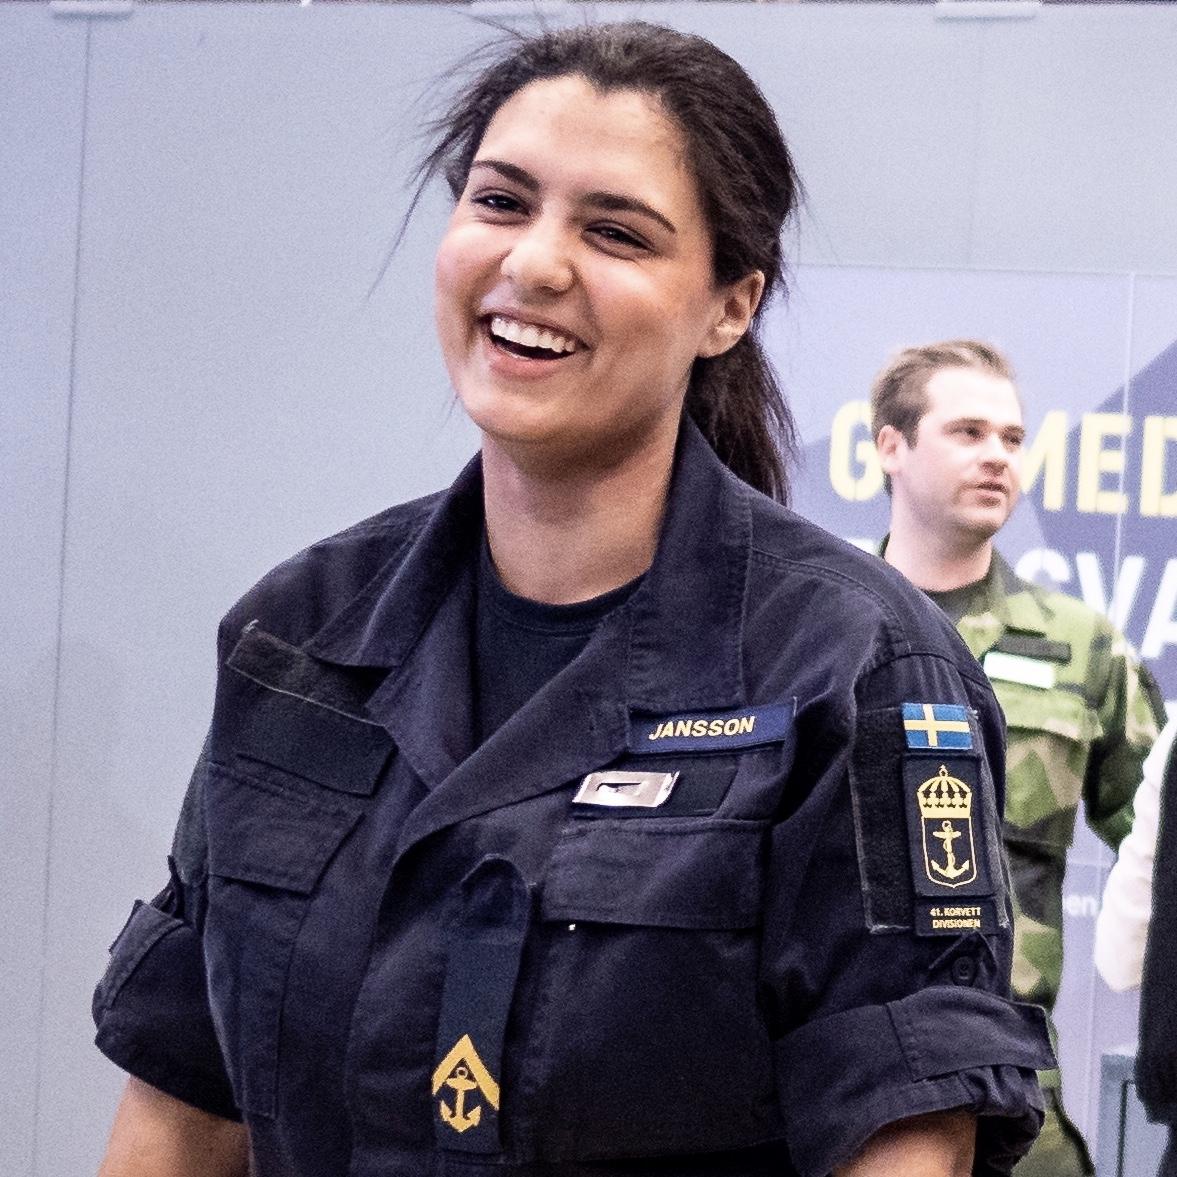 Ellenor Jansson